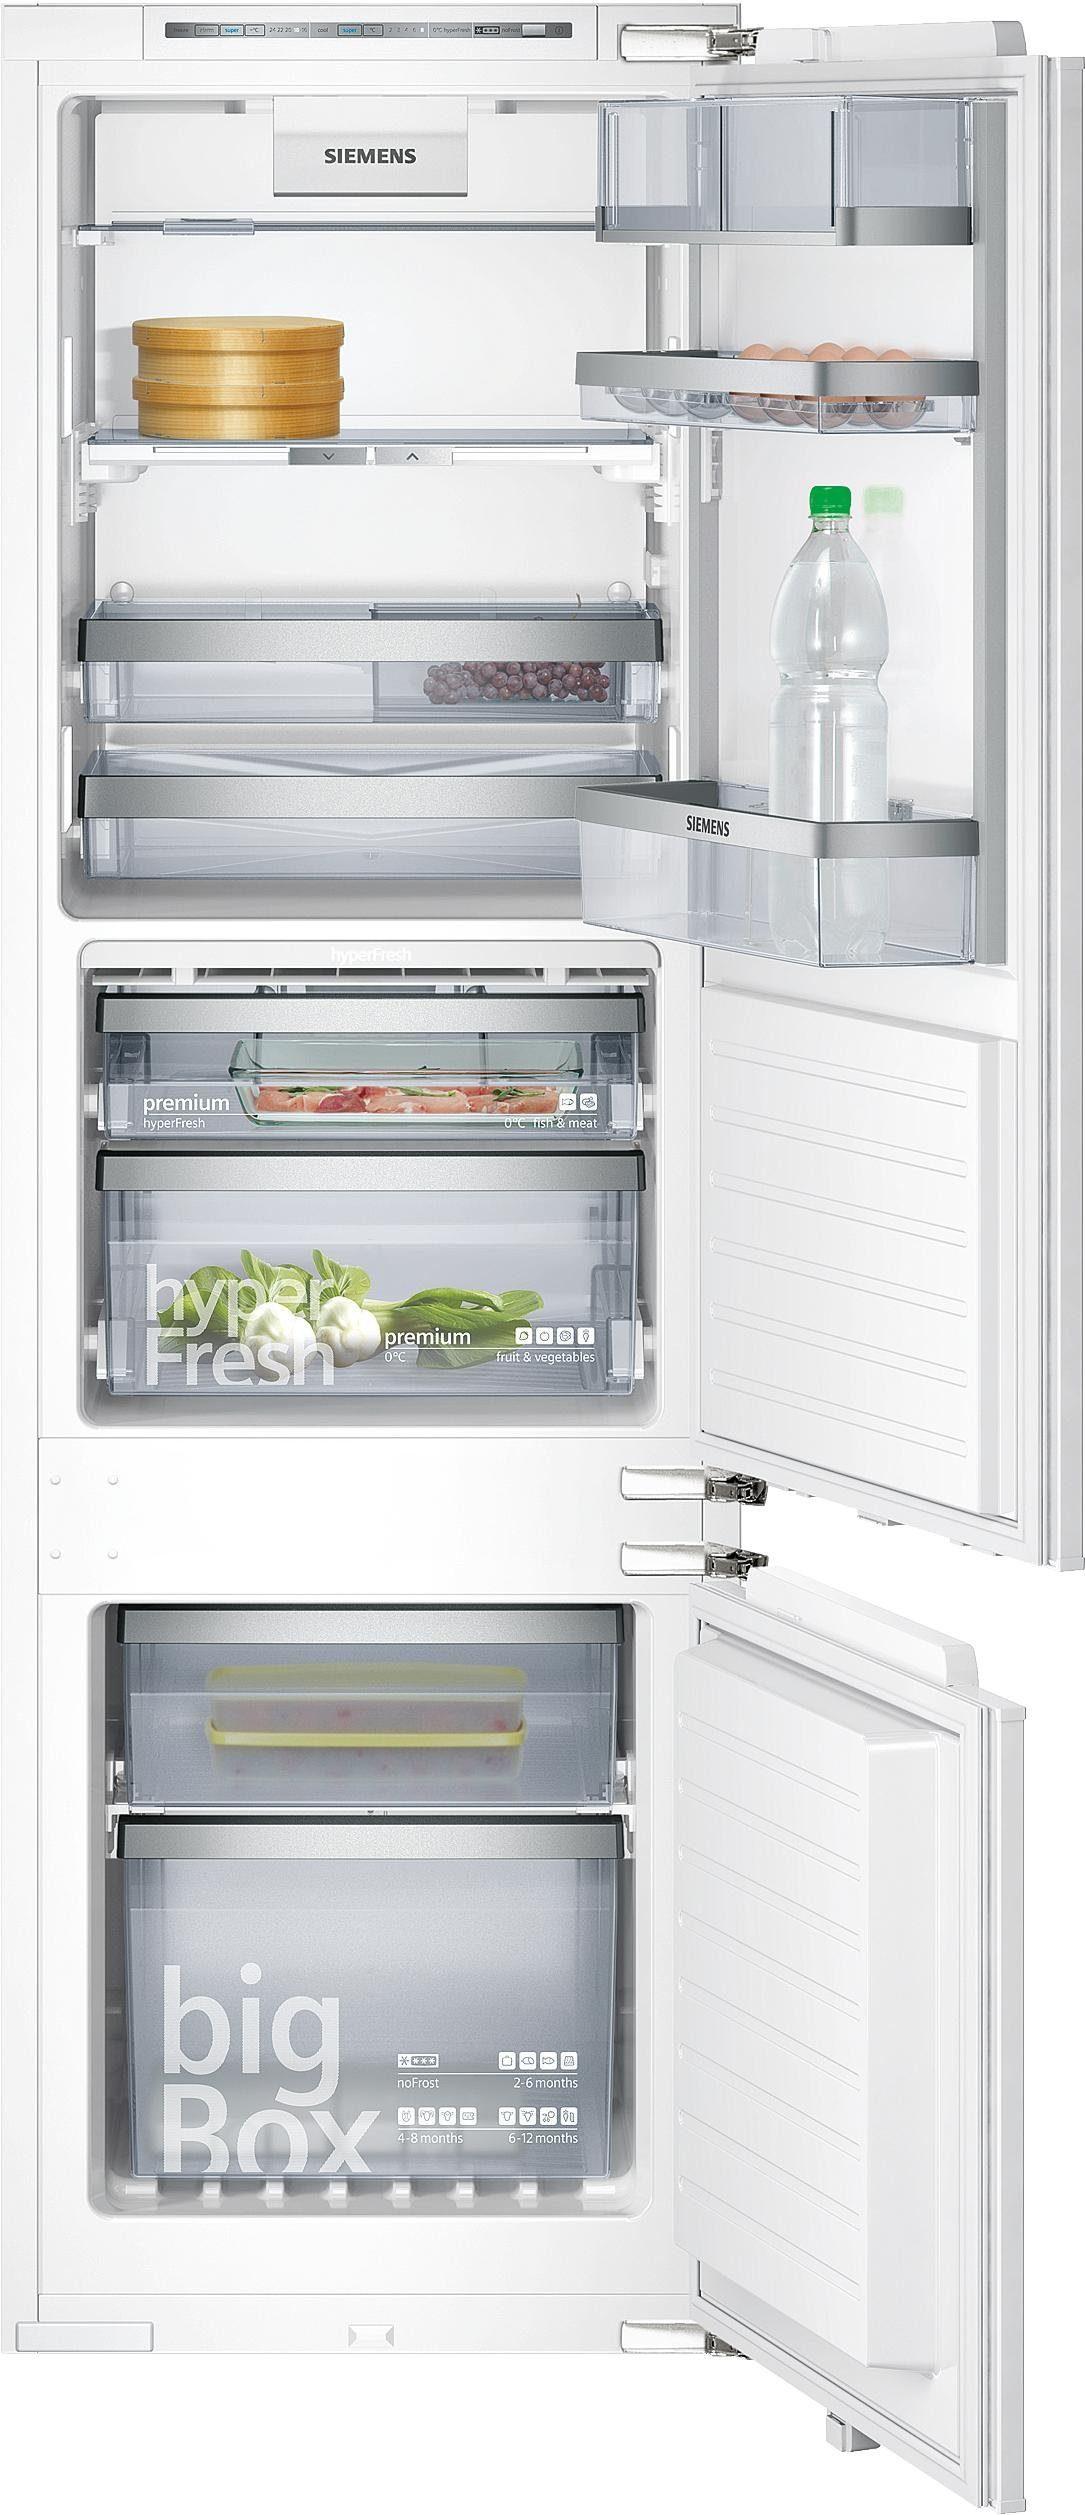 Siemens vollintegrierte Einbau-Kühl-Gefrier-Kombination KI39FP60, A++, 177,2 cm hoch